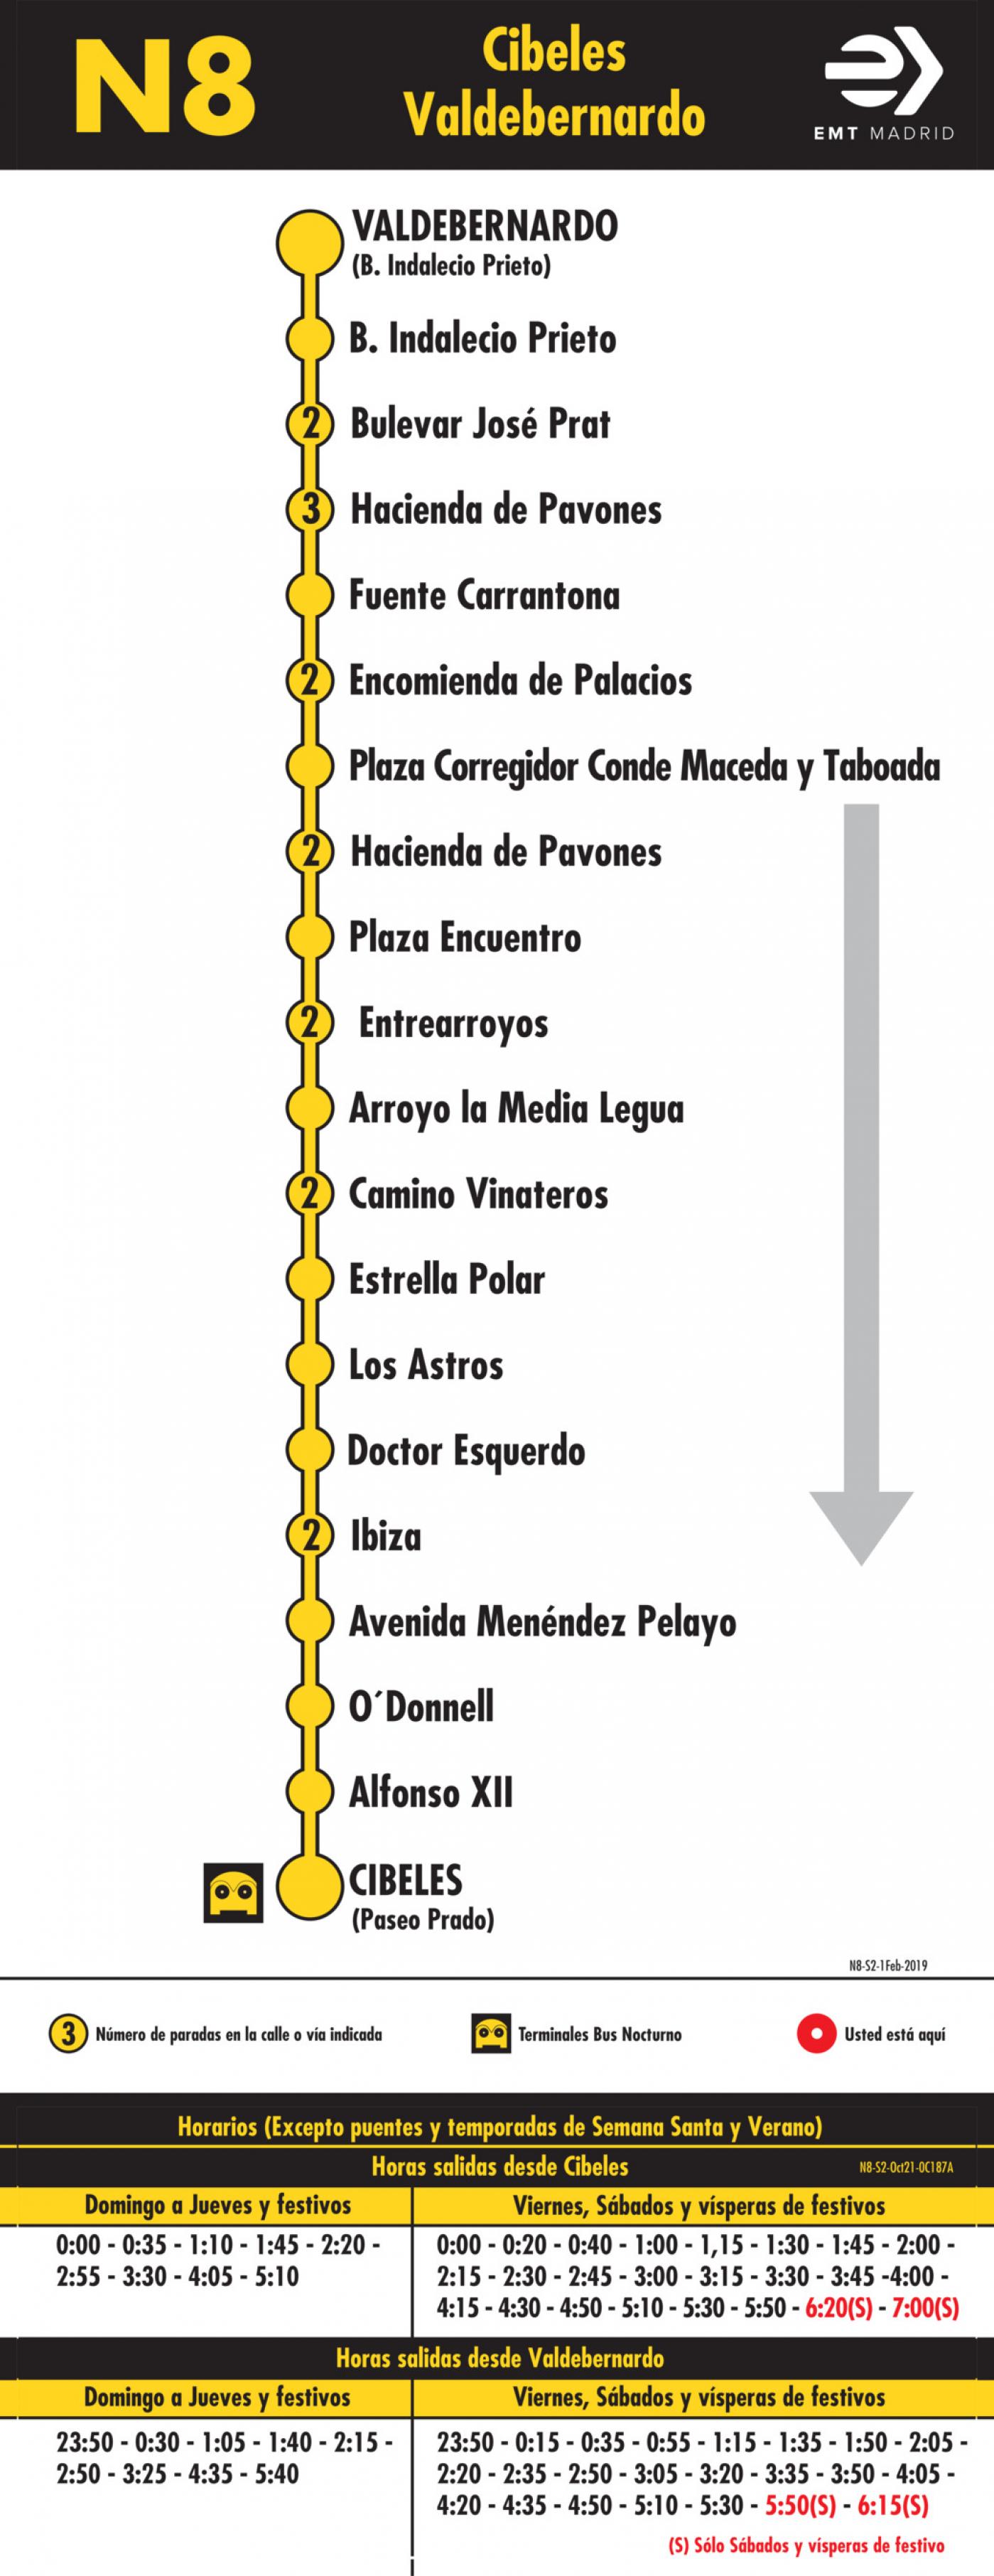 Tabla de horarios y frecuencias de paso en sentido vuelta Línea N8: Plaza de Cibeles - Valdebernardo (búho)